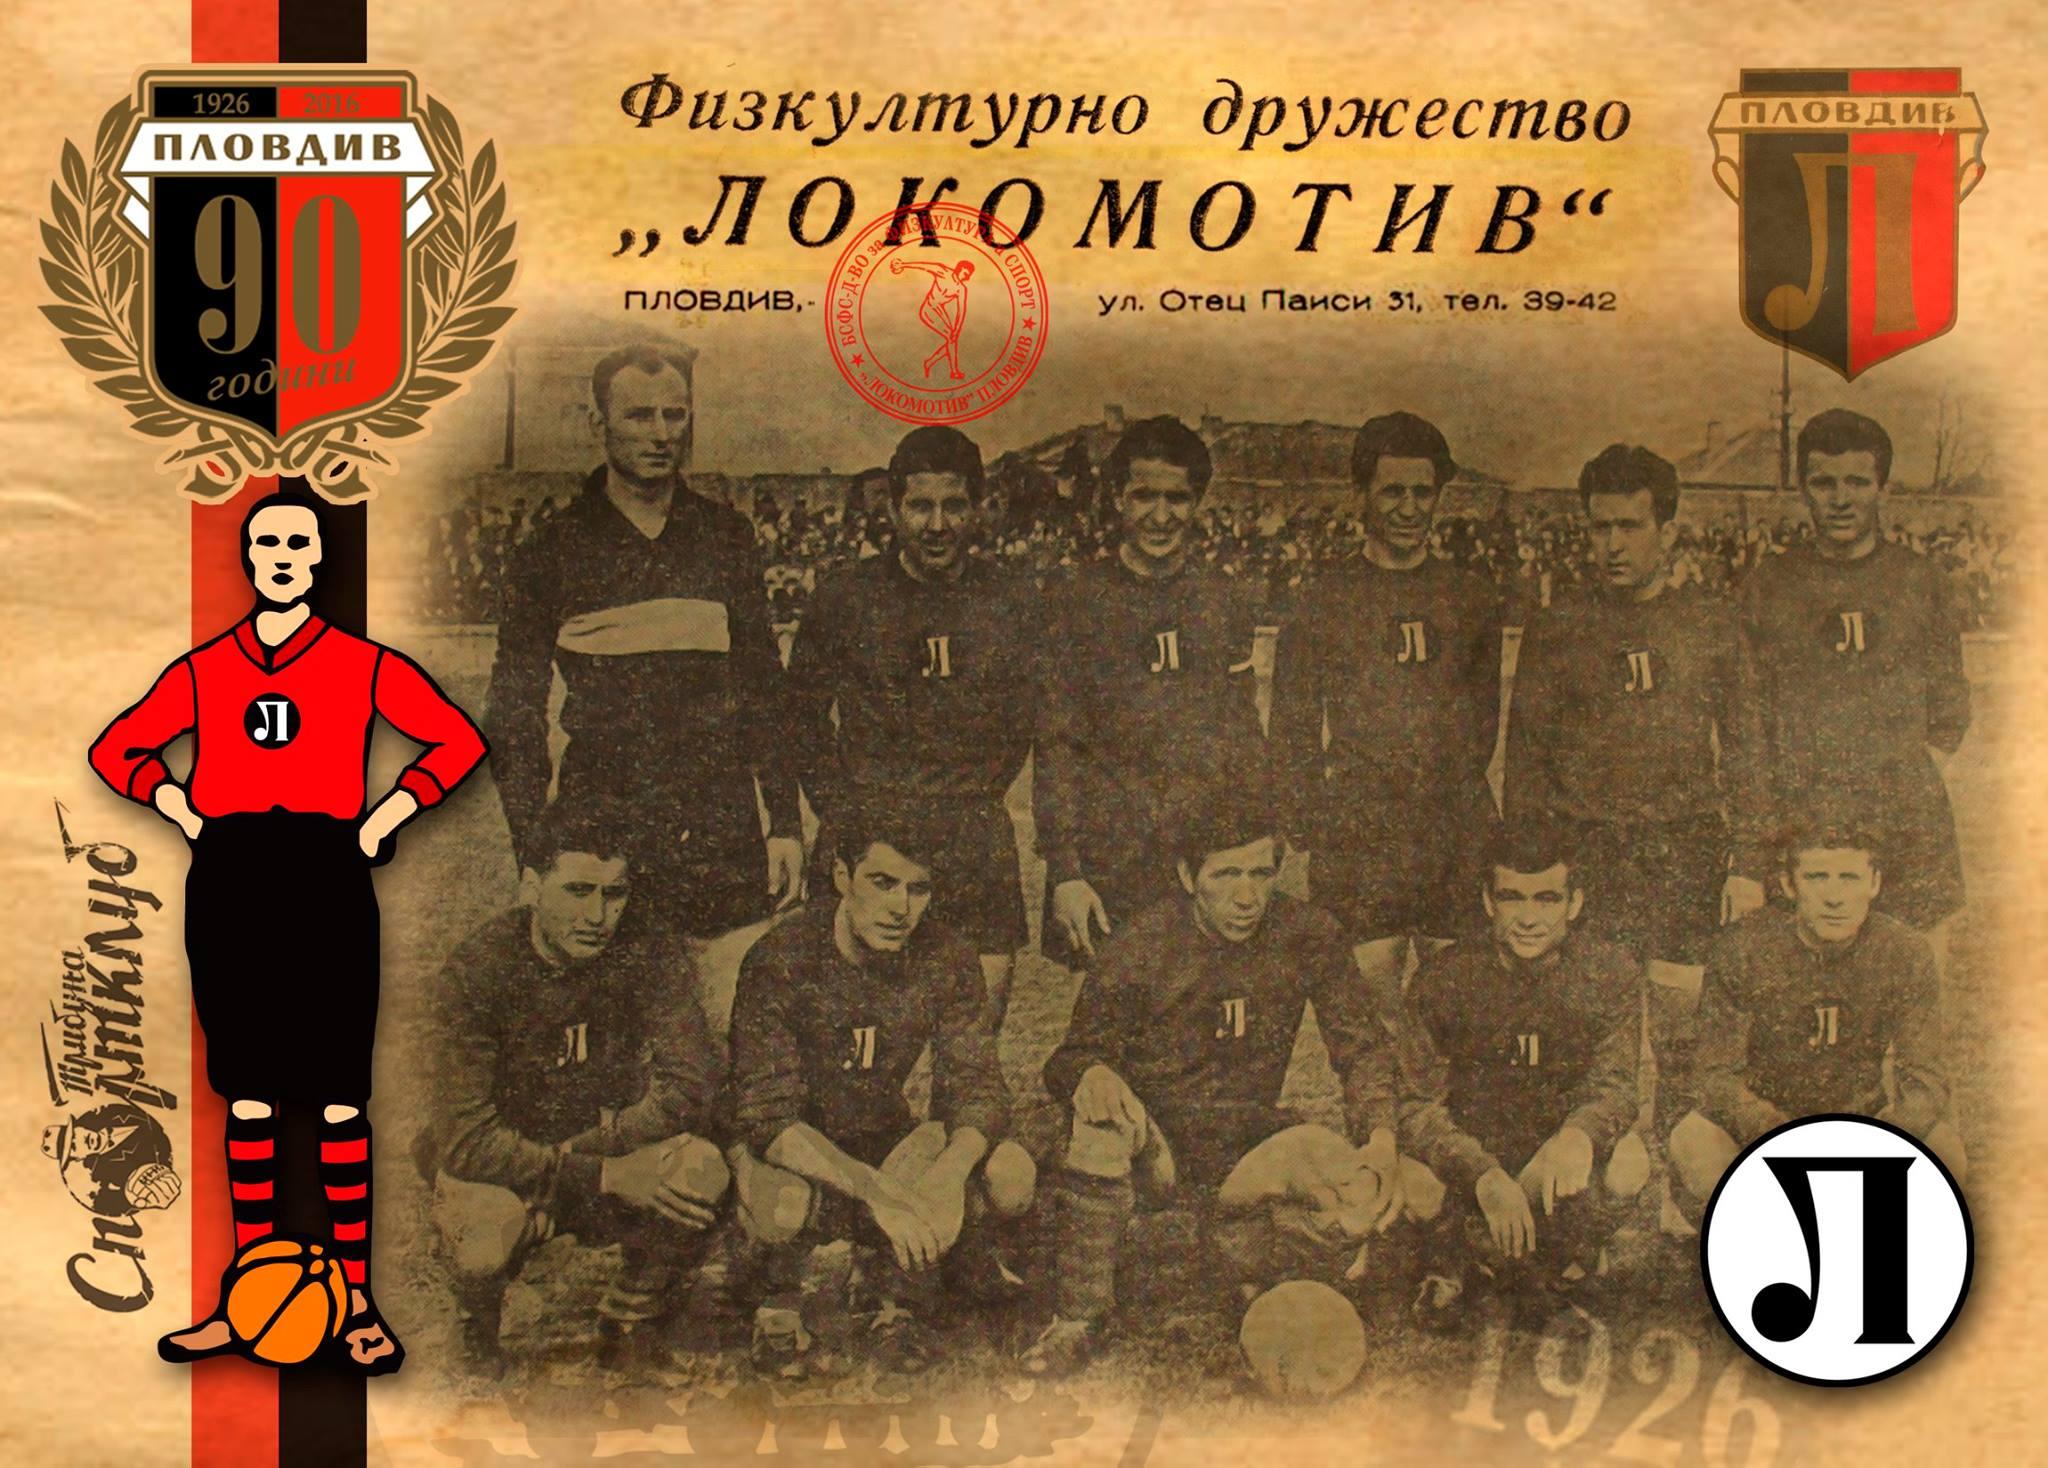 Локомотив Пловдив 1959/60